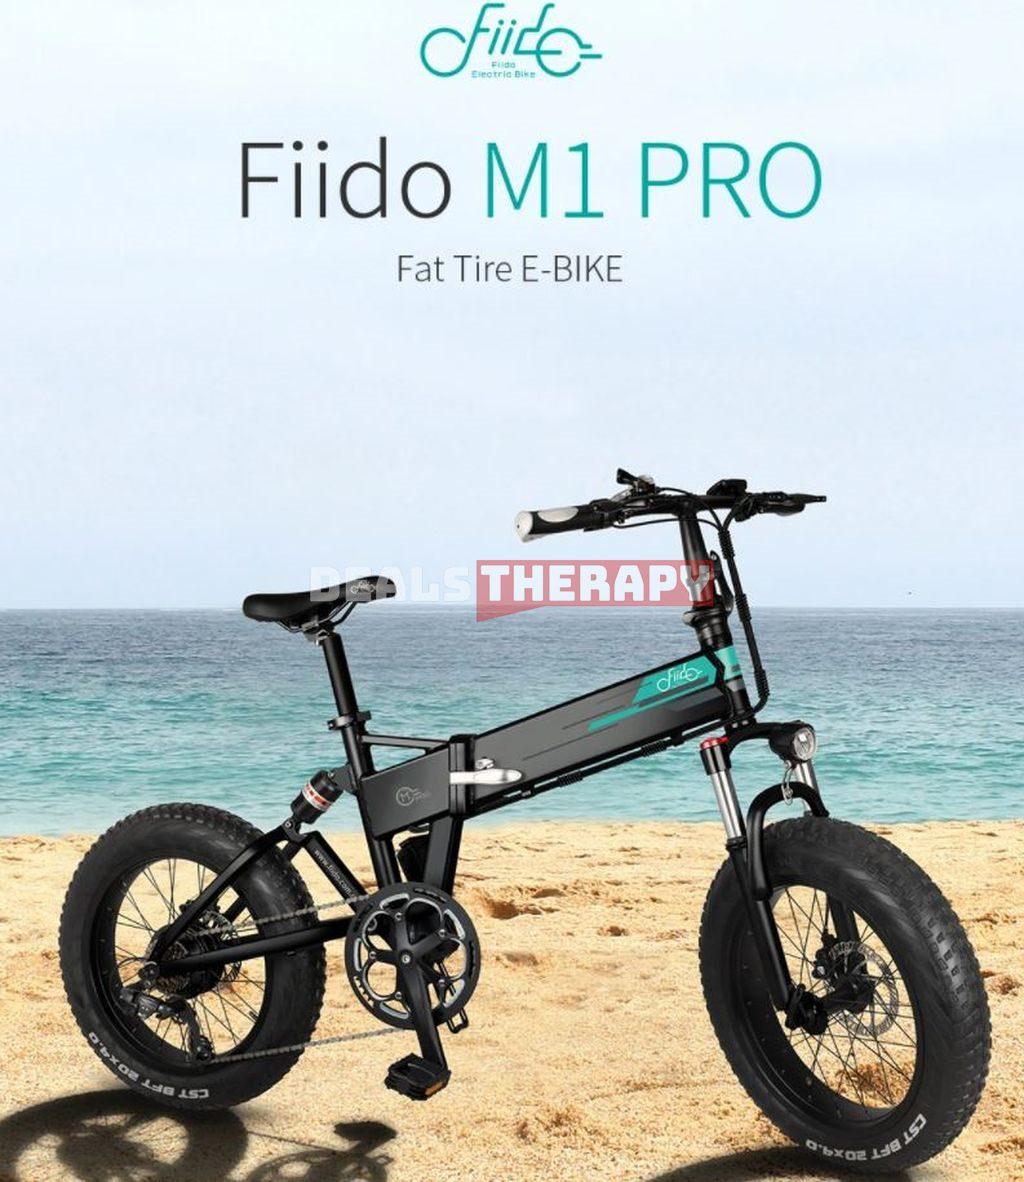 FIIDO M1 Pro